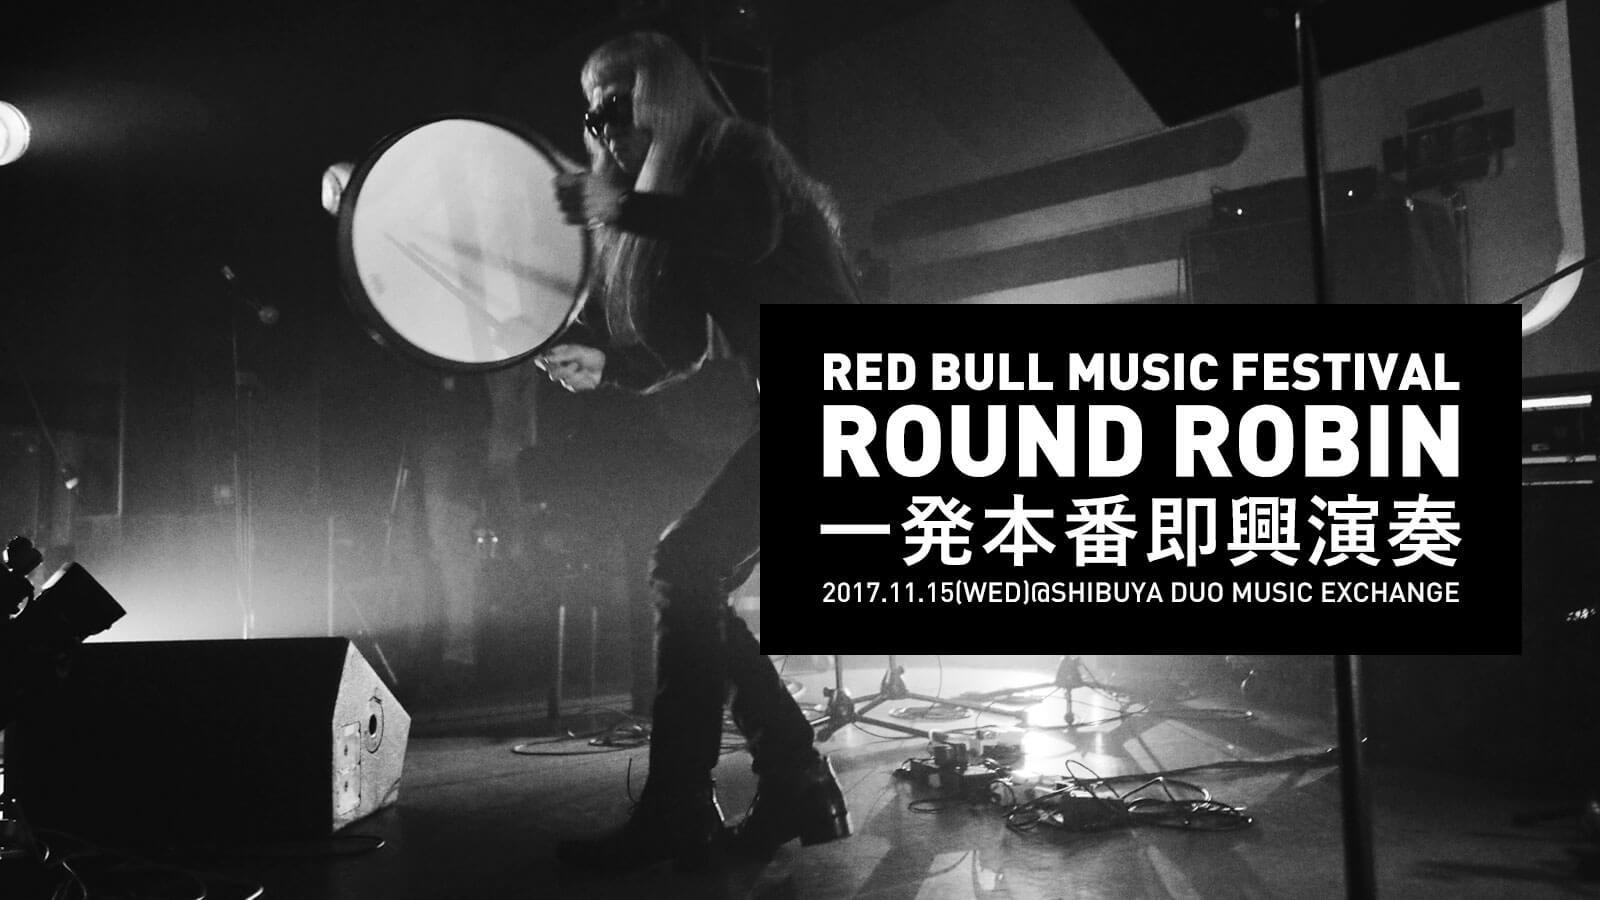 RED BULL MUSIC FESTIVAL ROUND ROBIN 一発本番即興演奏